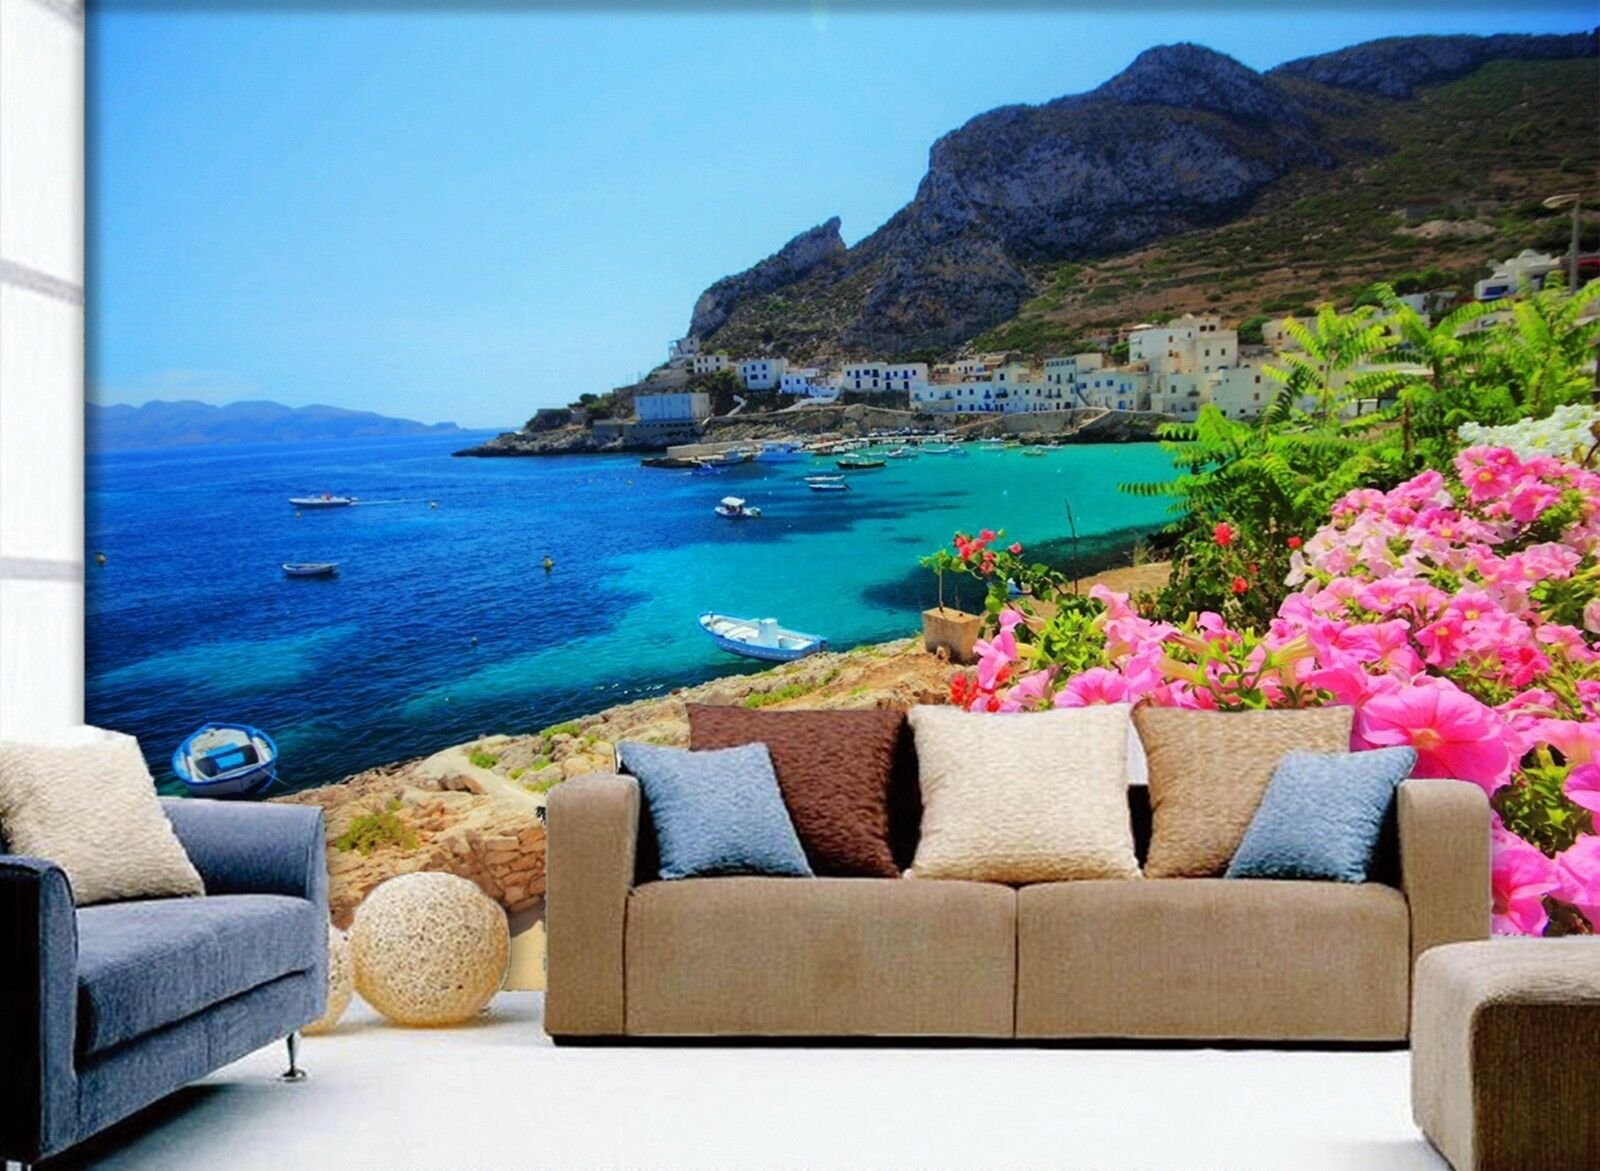 3D Insel Blaumen Strand Strand Strand 8732 Tapete Wandgemälde Tapeten Bild Familie DE Lemon | Ausgezeichnete Qualität  | Verschiedene Arten und Stile  | Bekannt für seine hervorragende Qualität  2e9b36